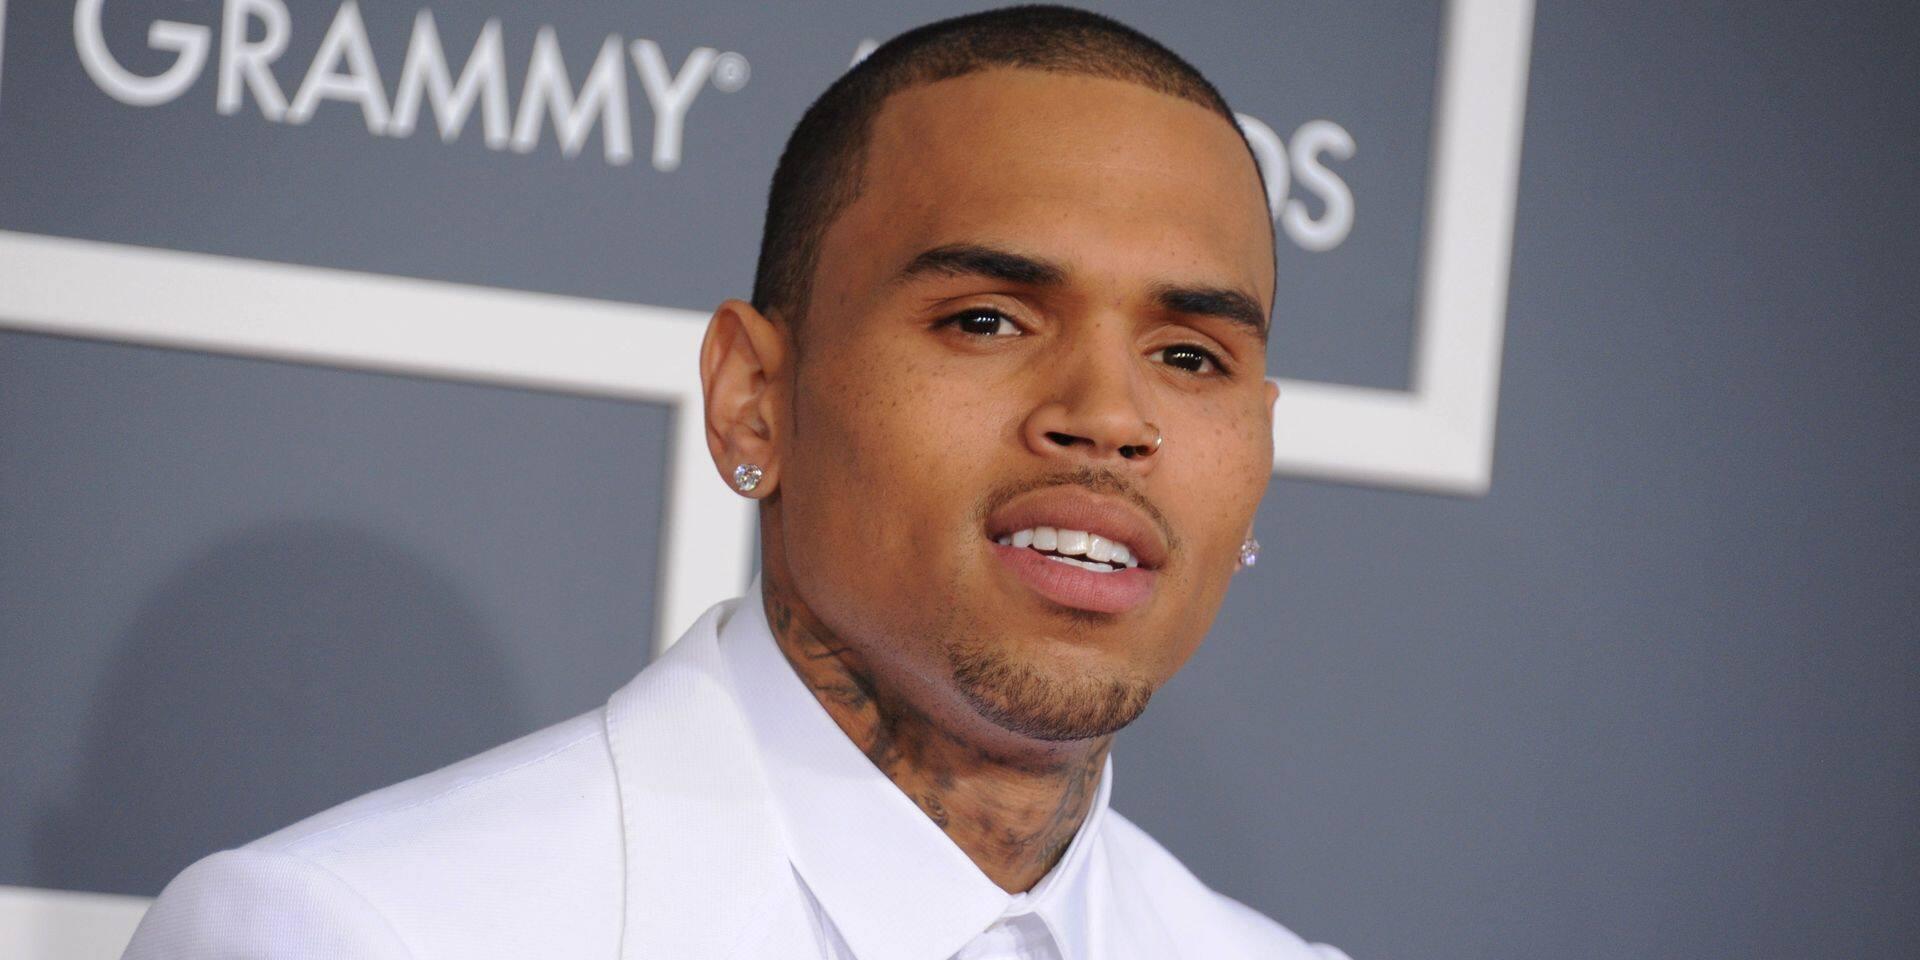 Accusé de viol, le chanteur Chris Brown se défend sur Twitter